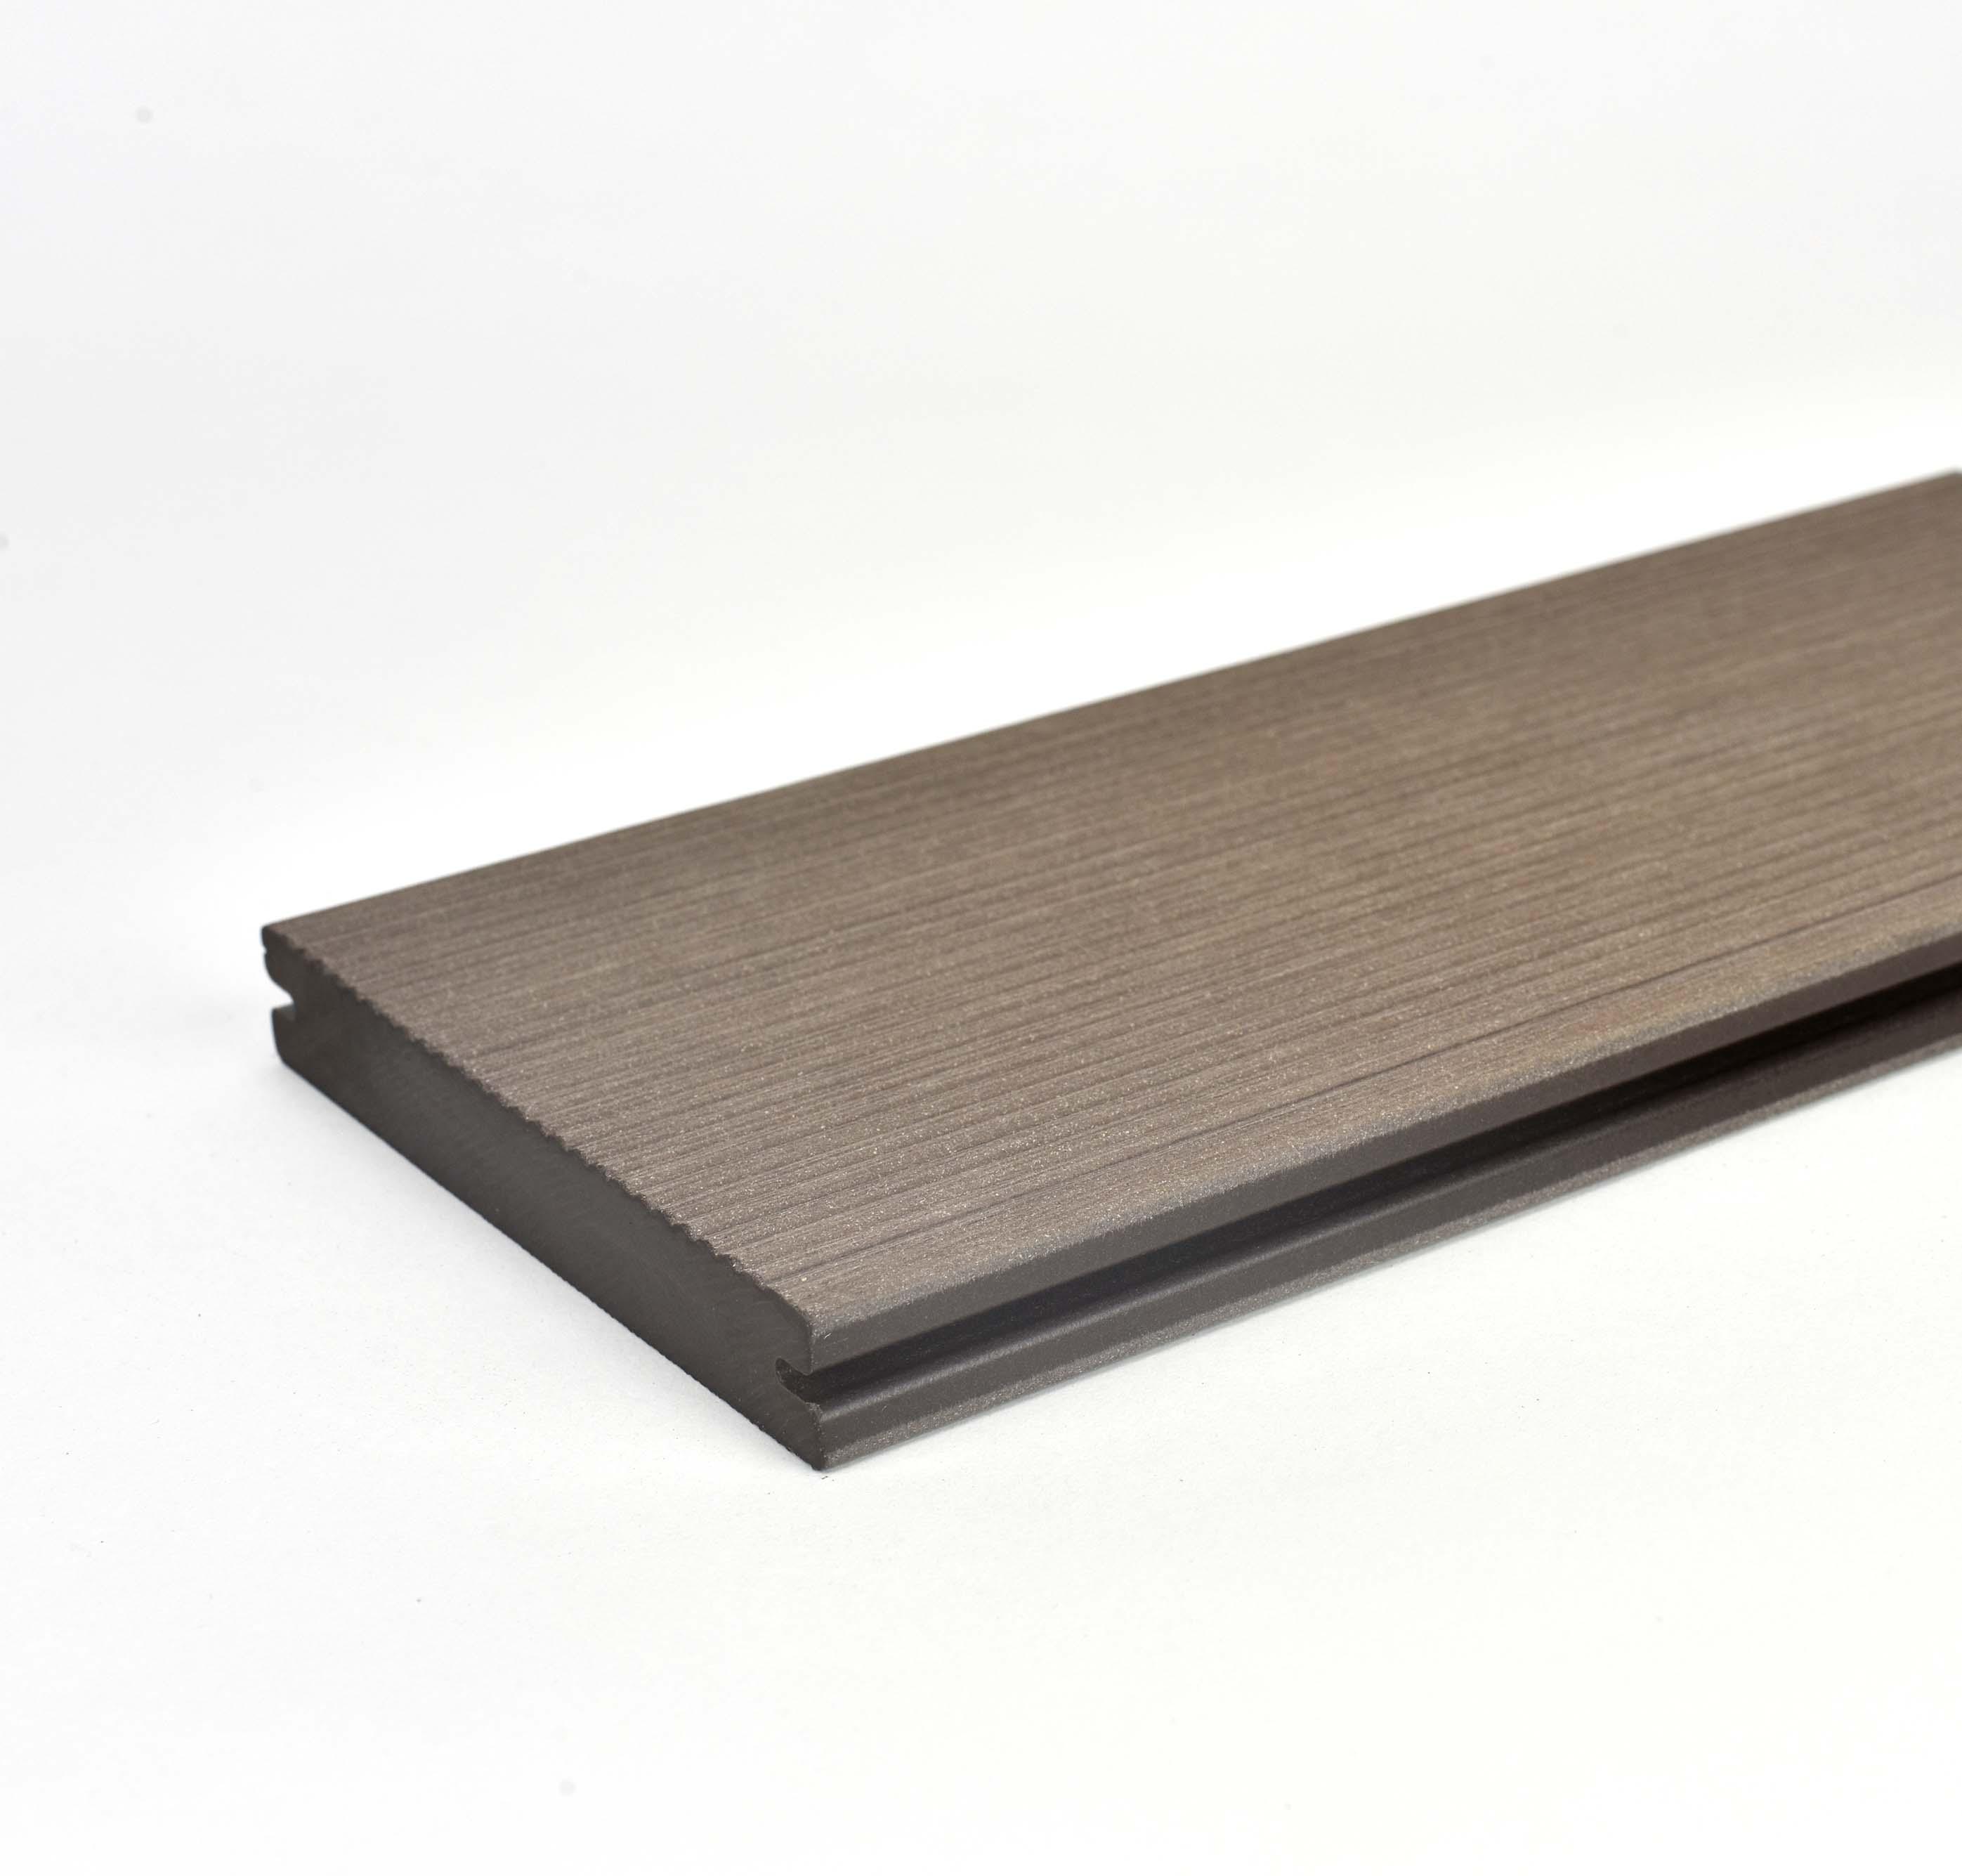 Prkno terasové dřevoplastové Twinson Massive odstín kůra 140x20×6000 mm